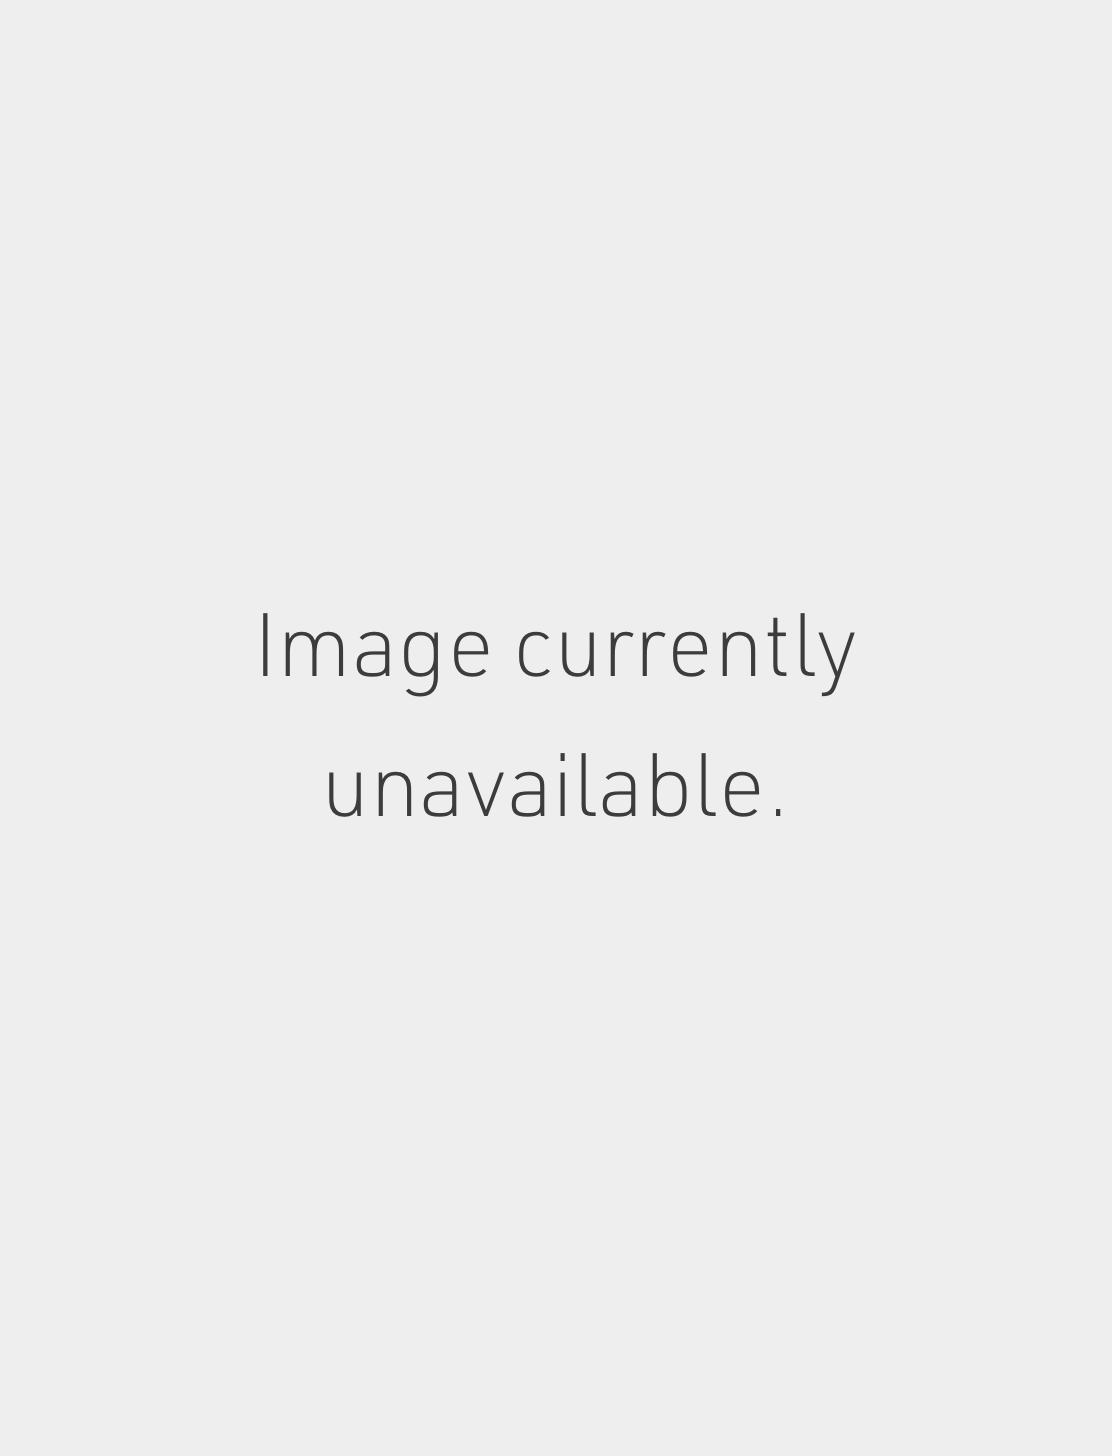 6mm Pear Diamond Threaded Stud 2.5mm Diamond Back Image #1